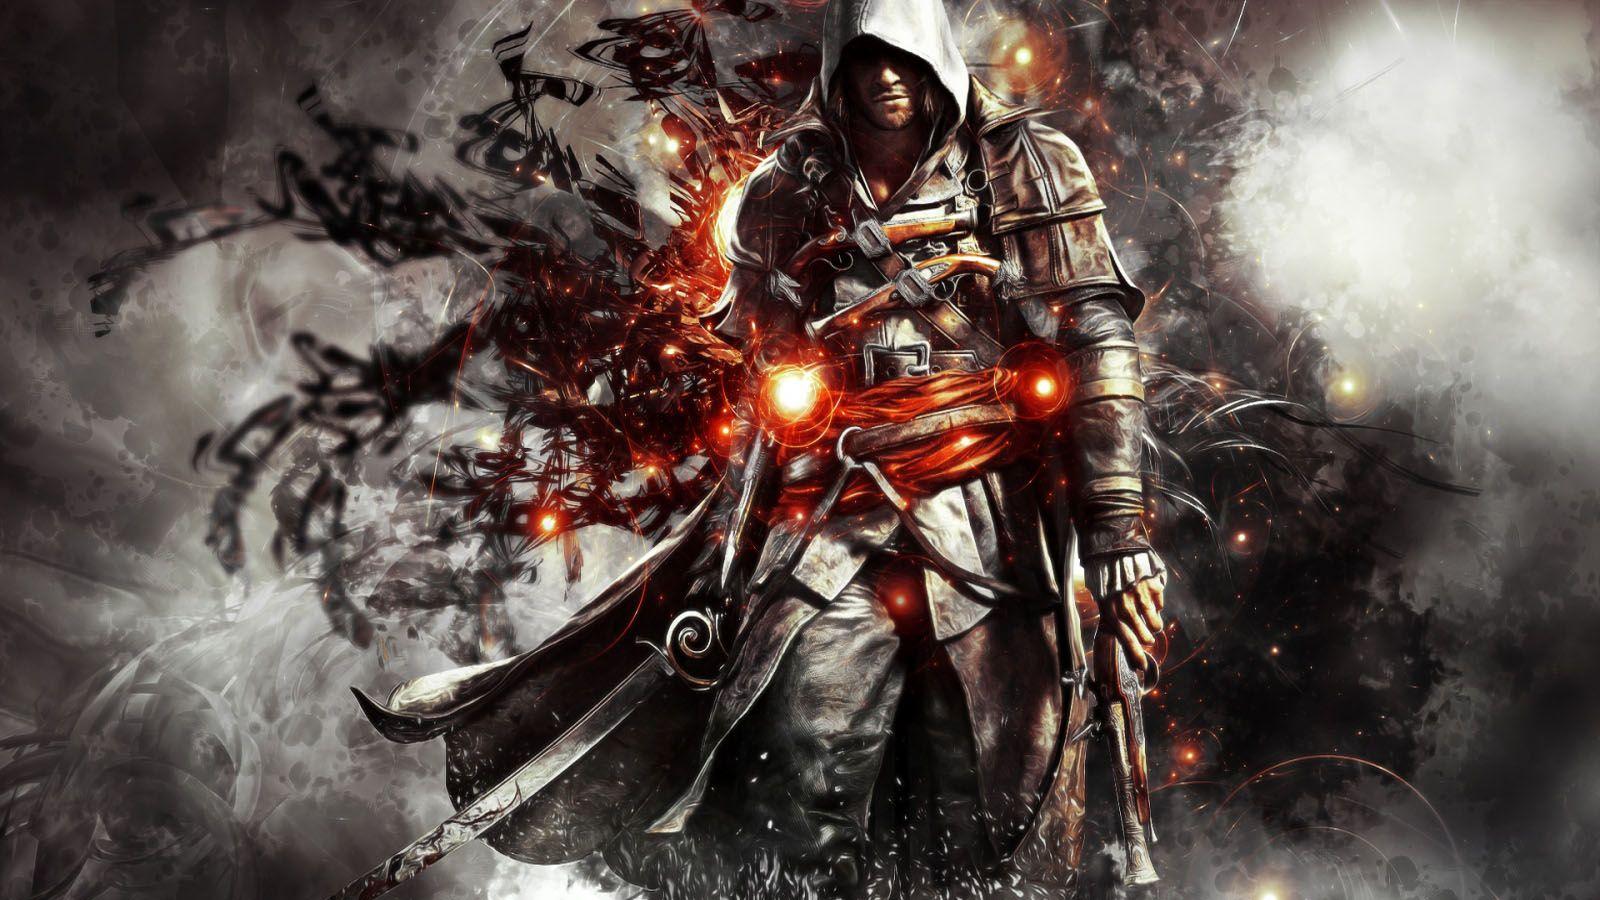 Assasins Creed 4 Hd Wallpaper High Quality Wallpapers Wallpaper Desktop High De Assassin S Creed Wallpaper Assassins Creed Black Flag Assassins Creed Artwork